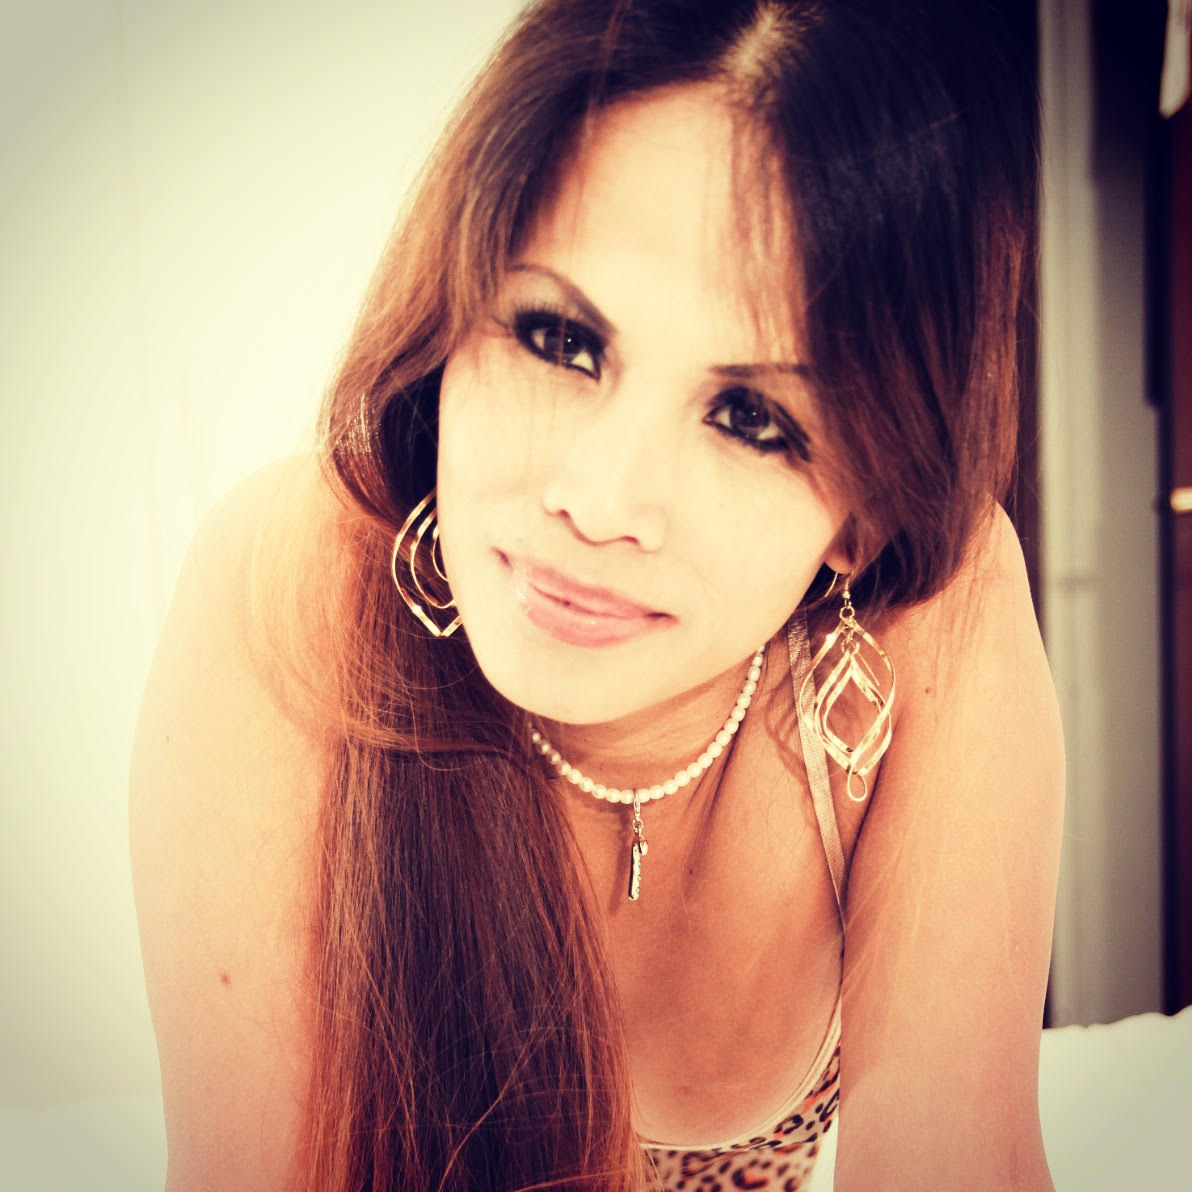 Andrealina Morales